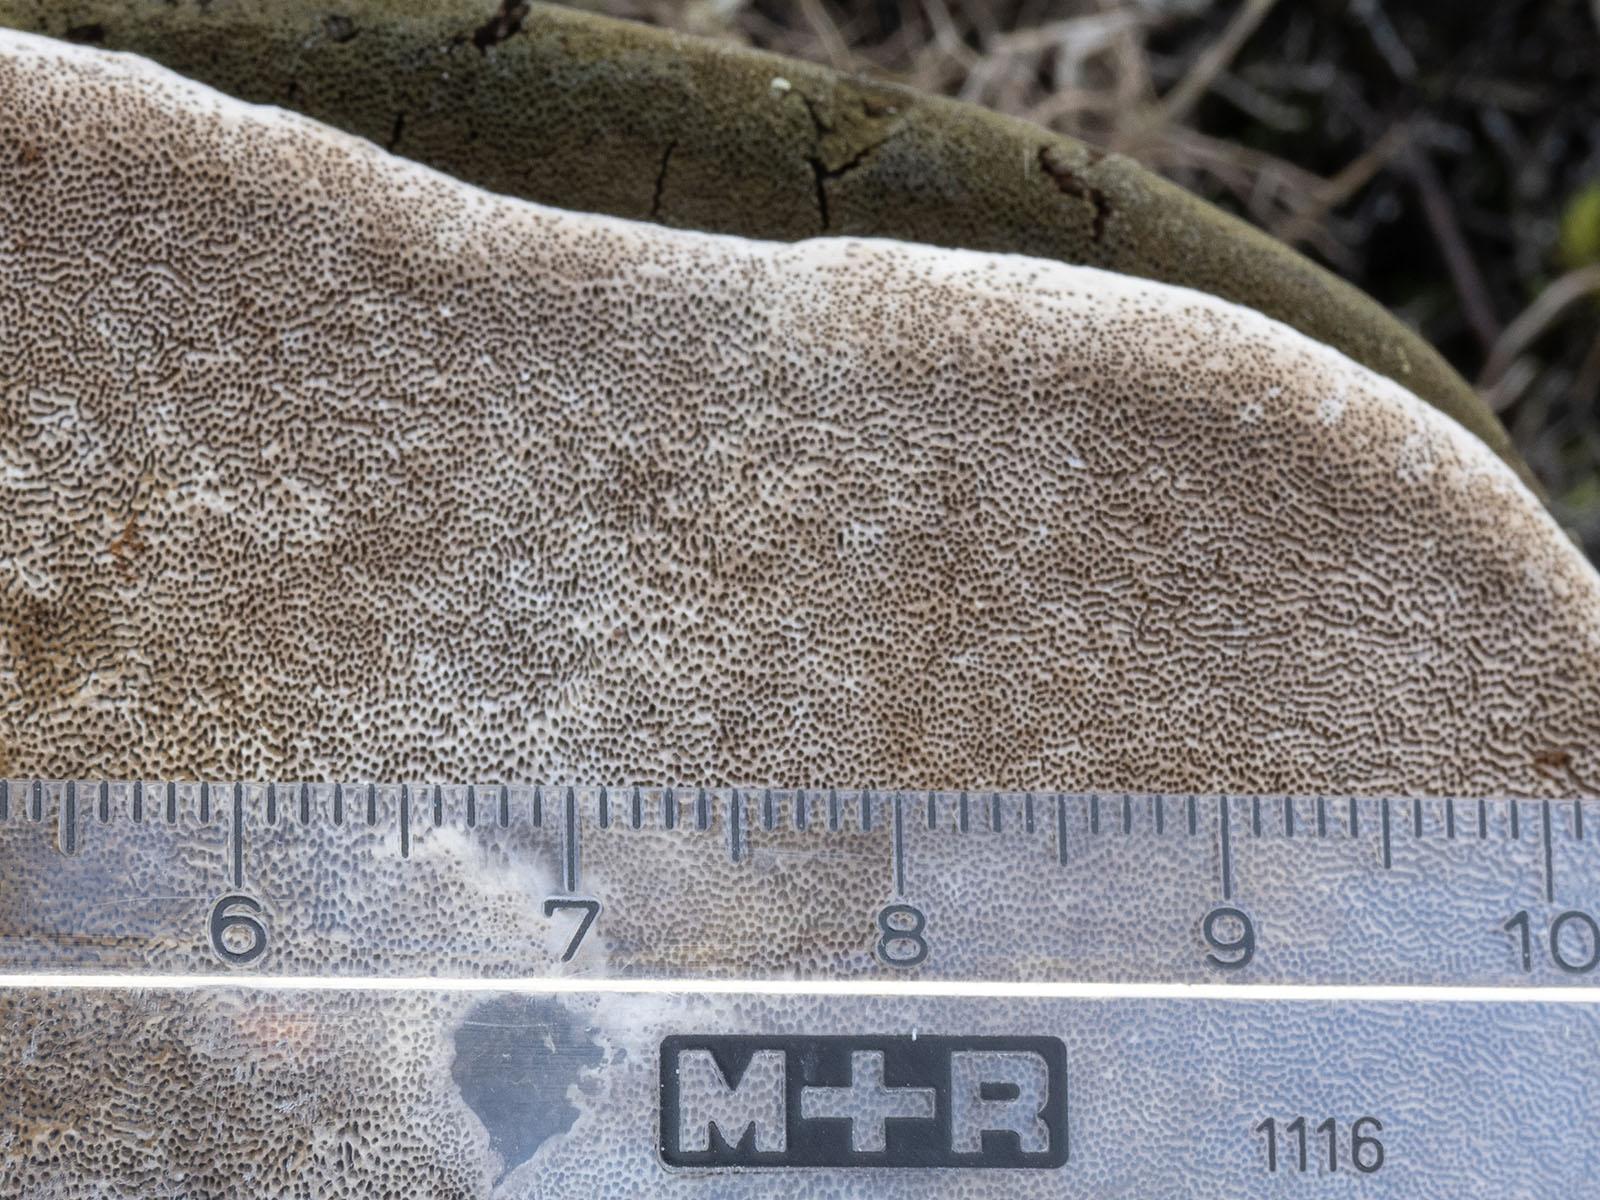 Трутовик ложный ольховый (Phellinus igniarius f. alni).  На валежных и живых деревьях (Alnus glutinosa) на берегу озера Mälaren, Стокгольм, апрель 2020 года.  В шведской систематике выделяется в самостоятельный вид - Phellinus alni. Автор фото: Сутормина Марина